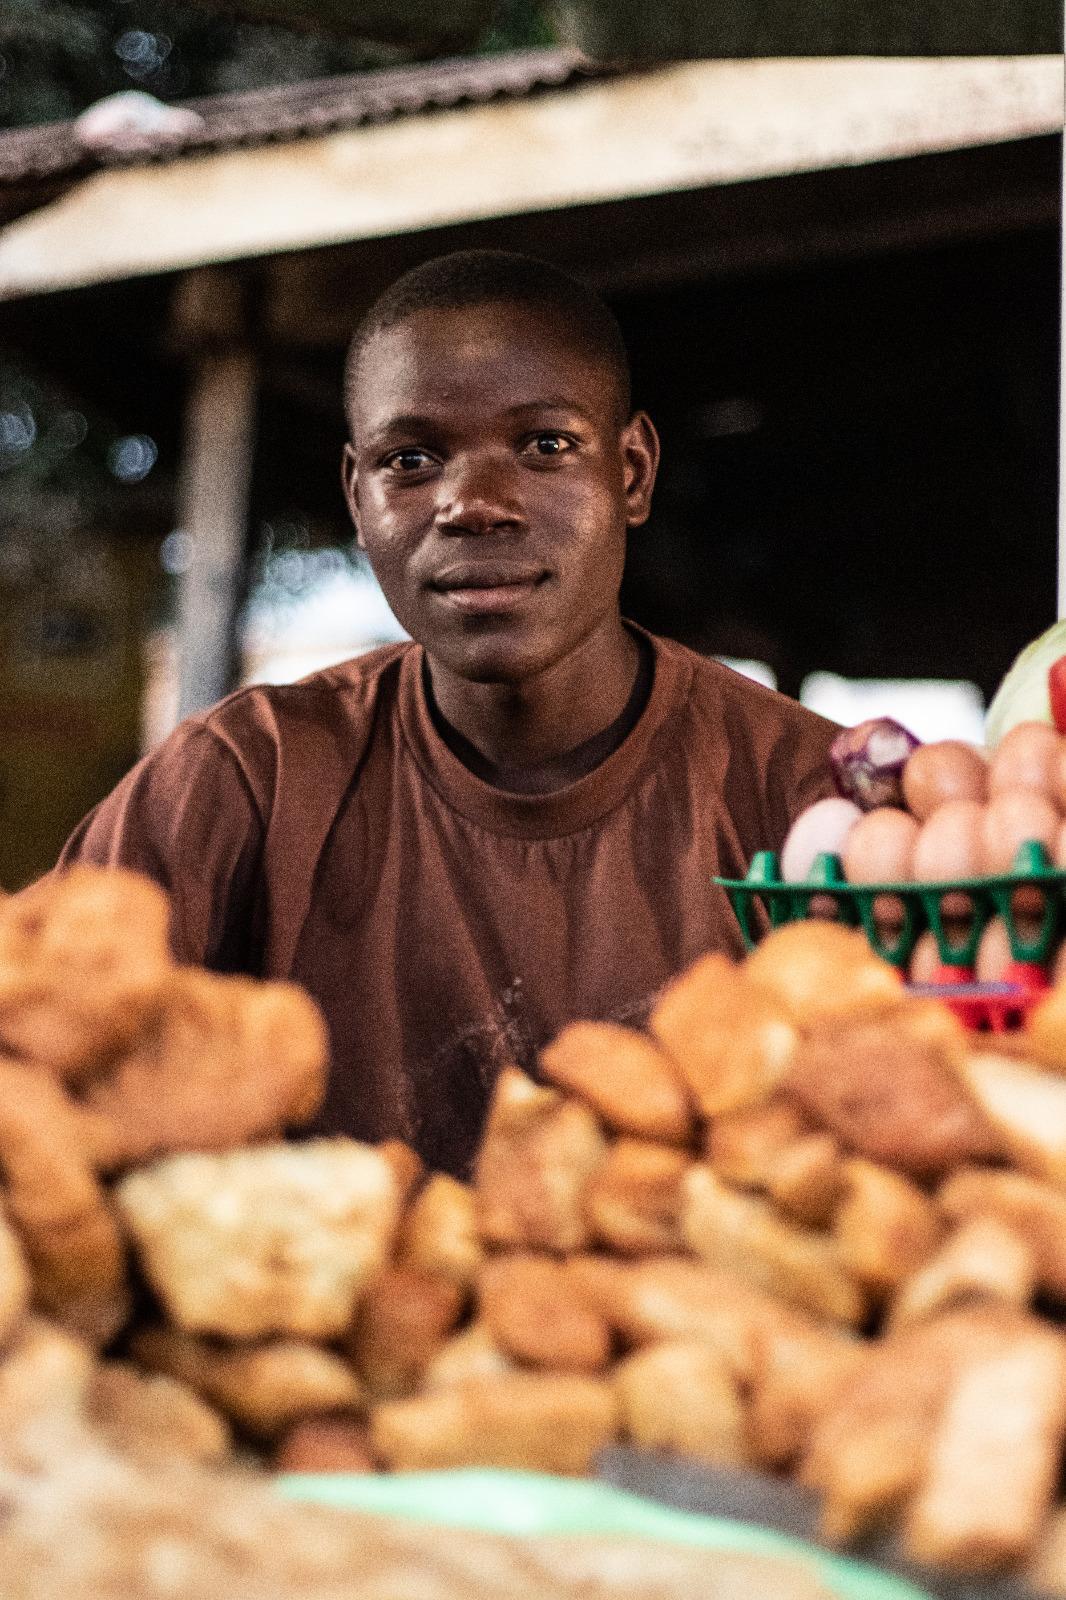 Vendedor de mandazi, un dulce típico del país en su parada callejera.